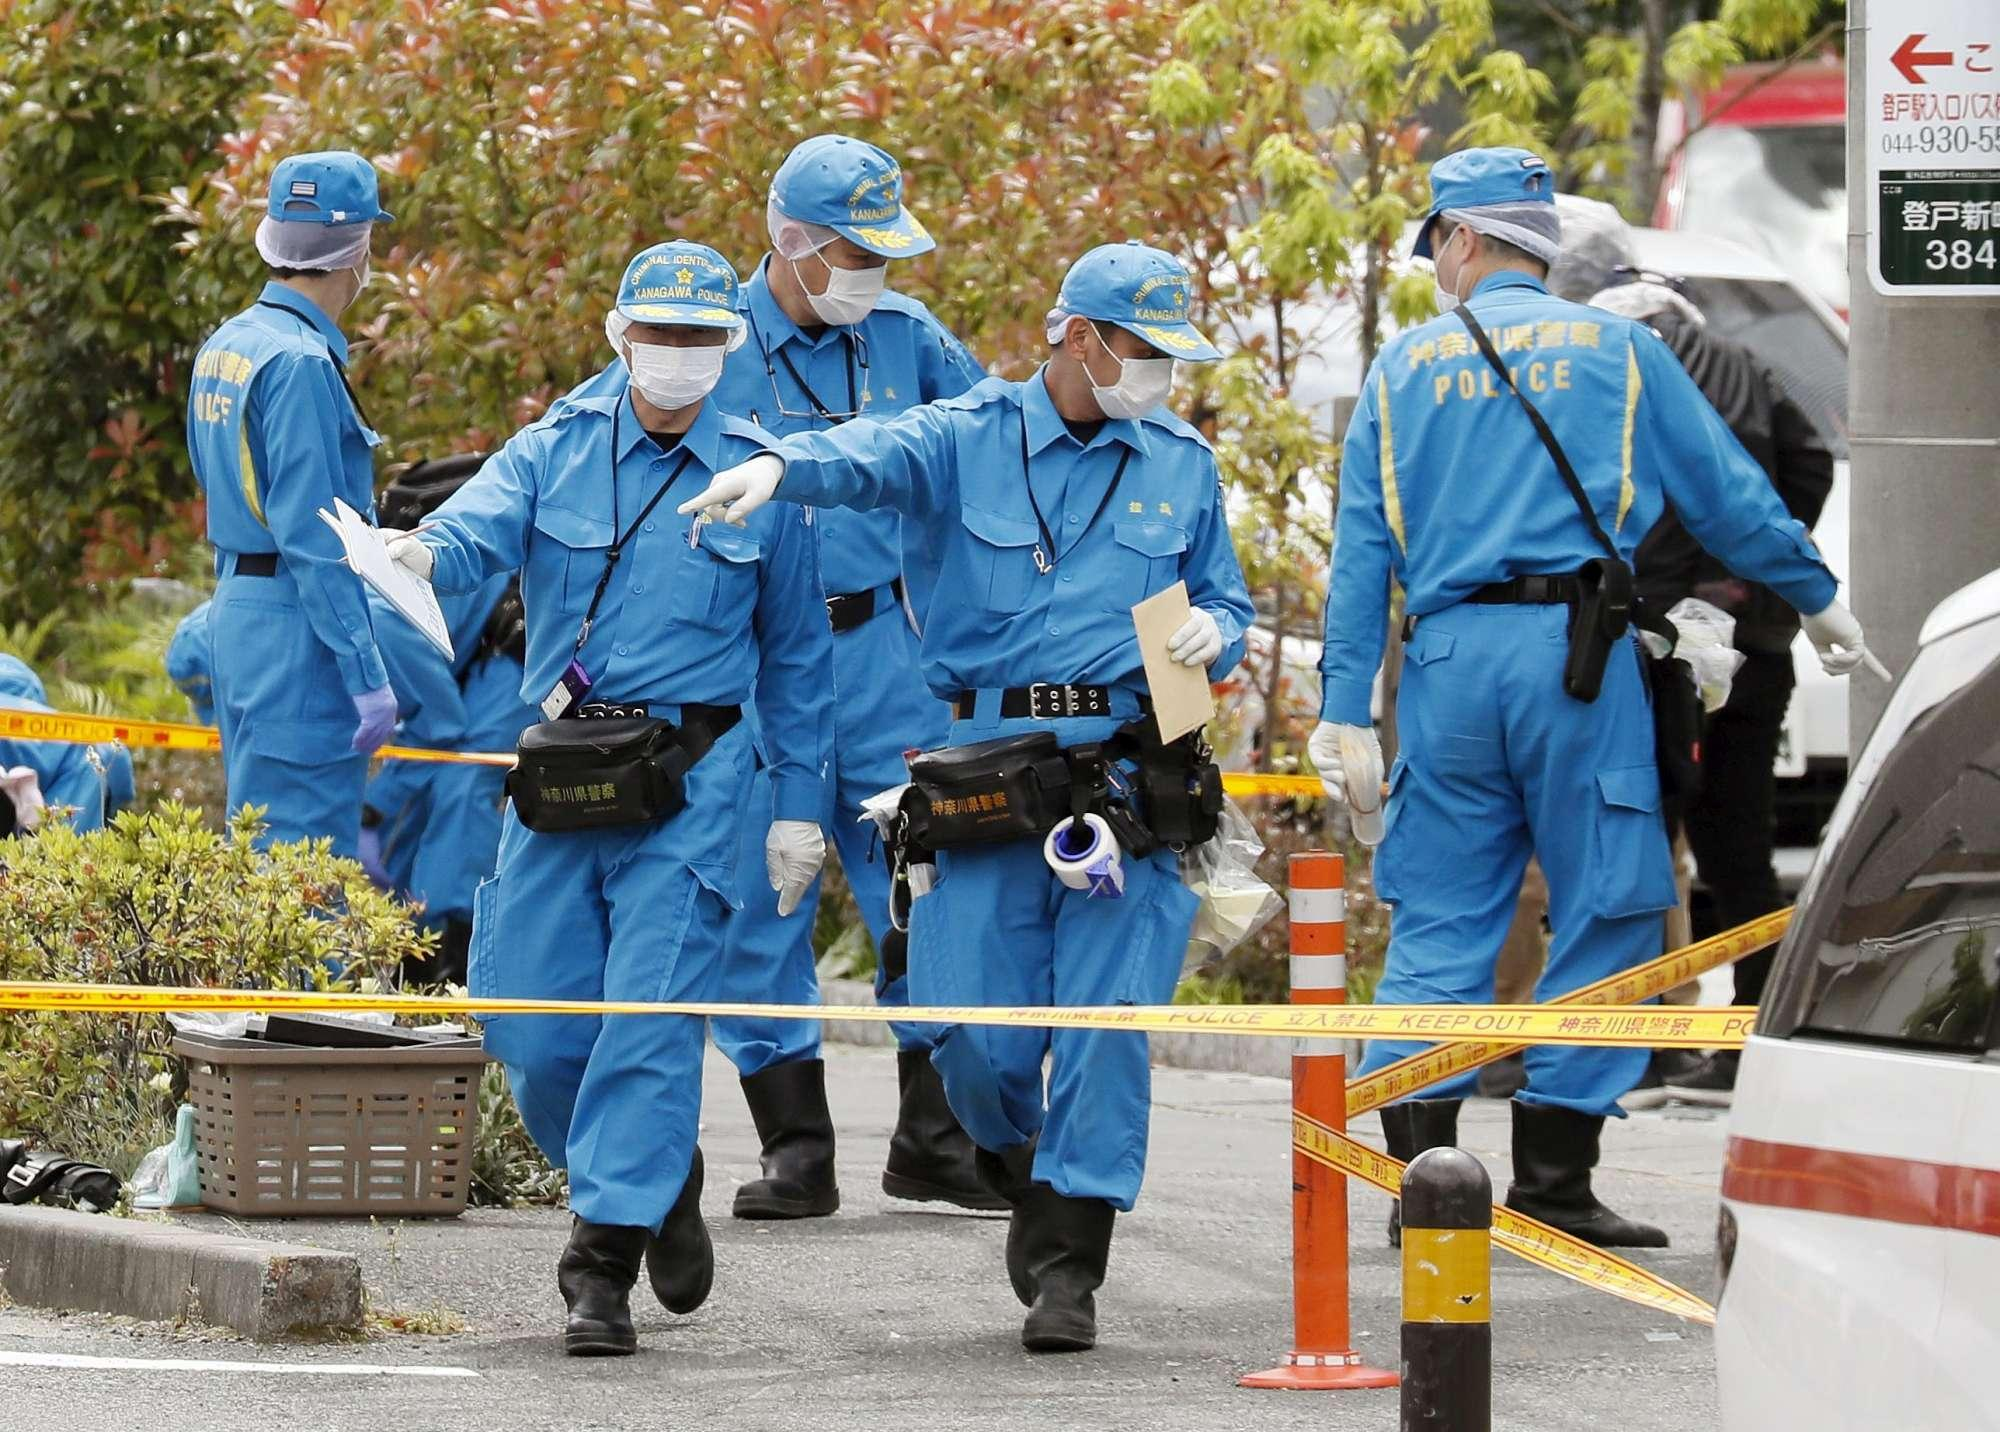 Tokyo, accoltella bimbe alla fermata del bus: due morti